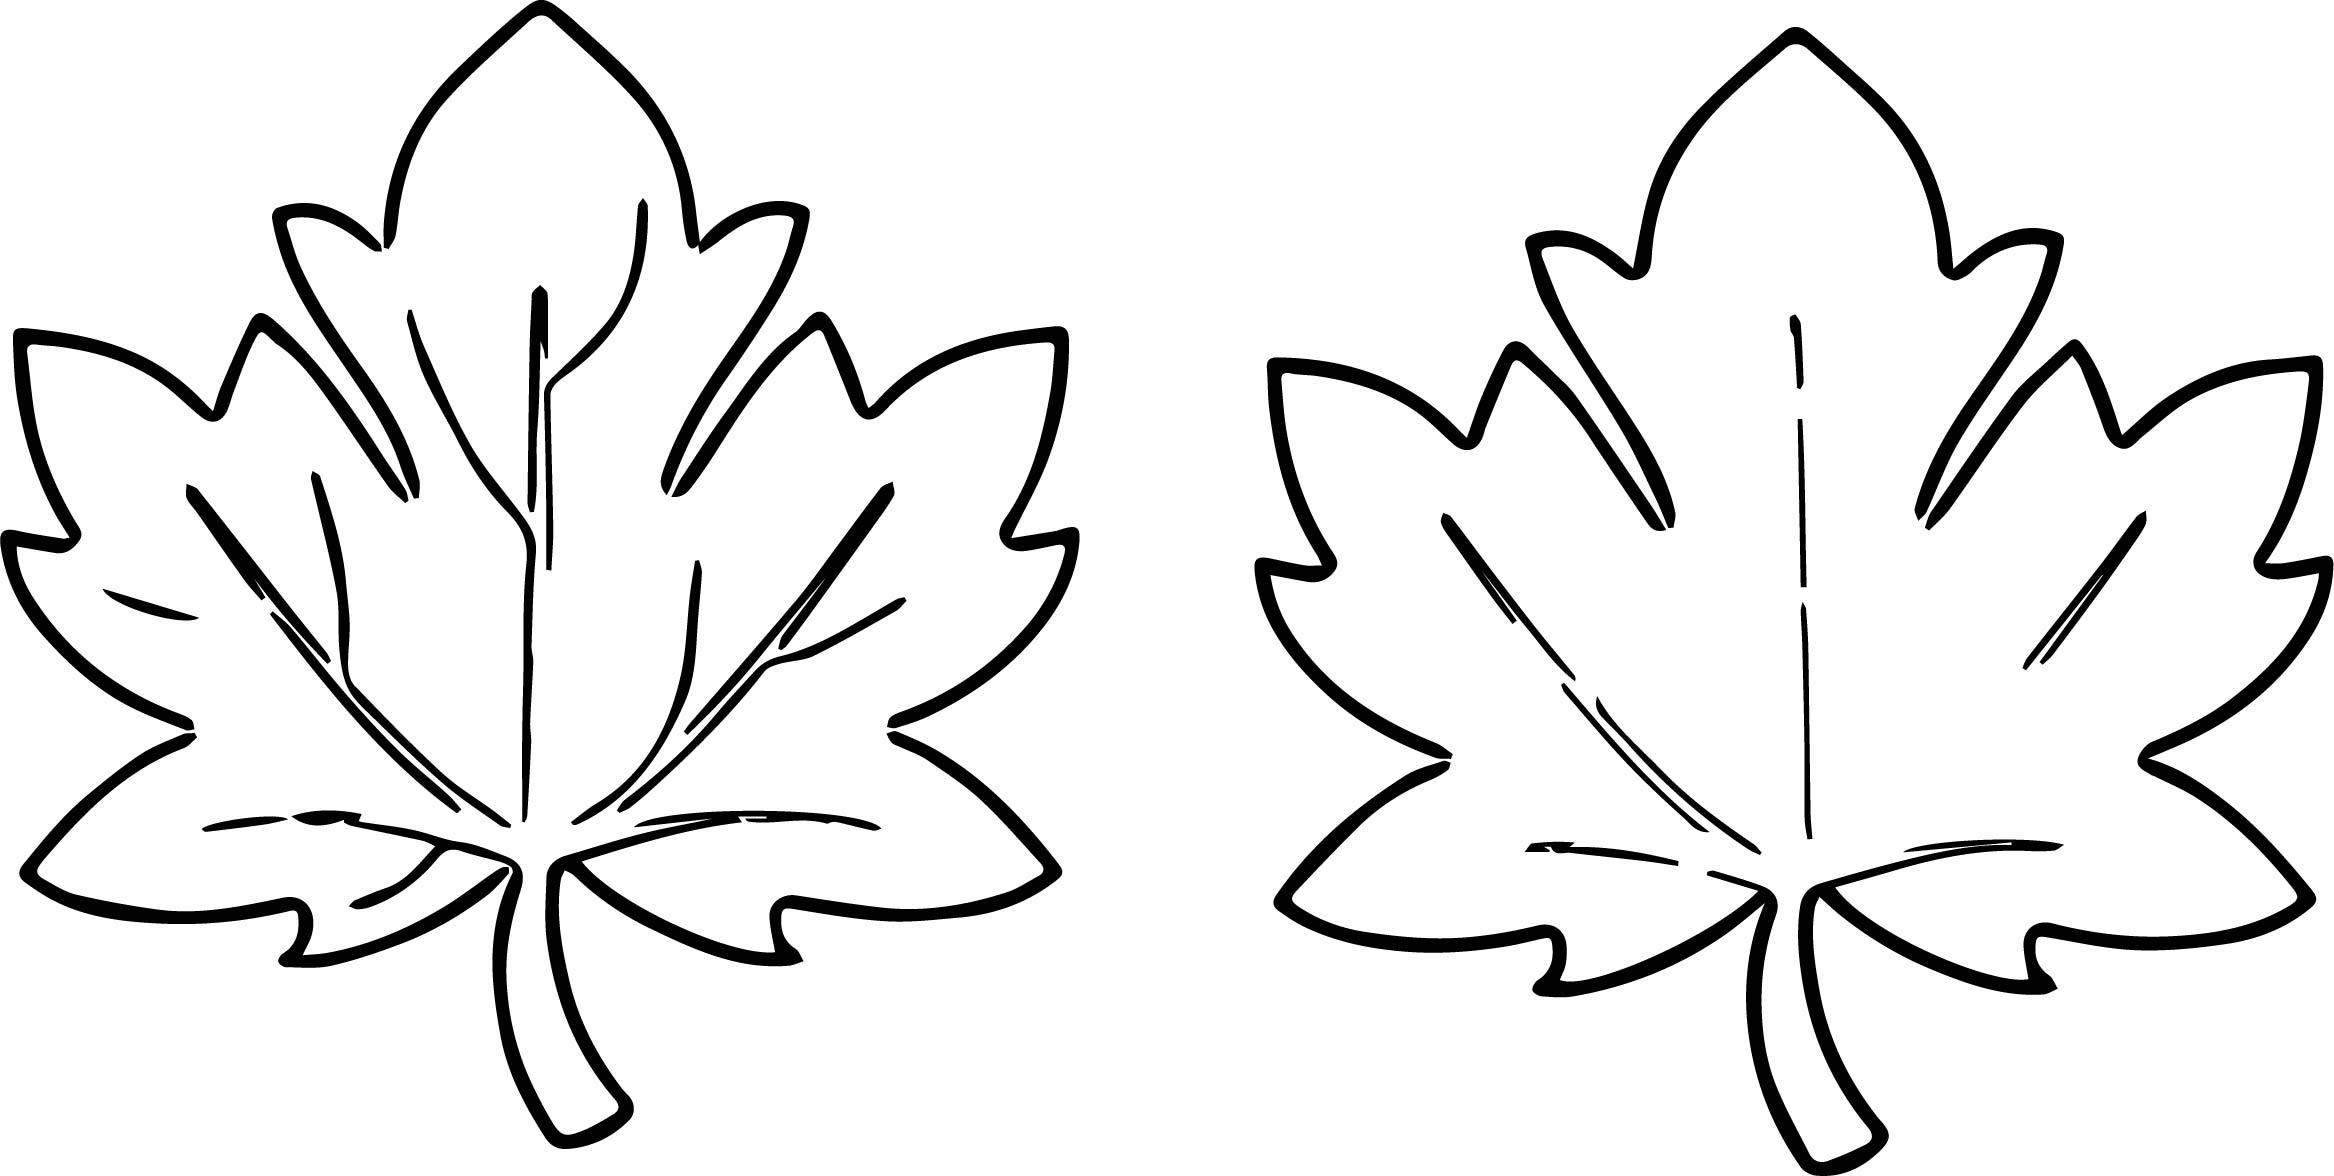 Falling Rose Petals Drawing At Getdrawings